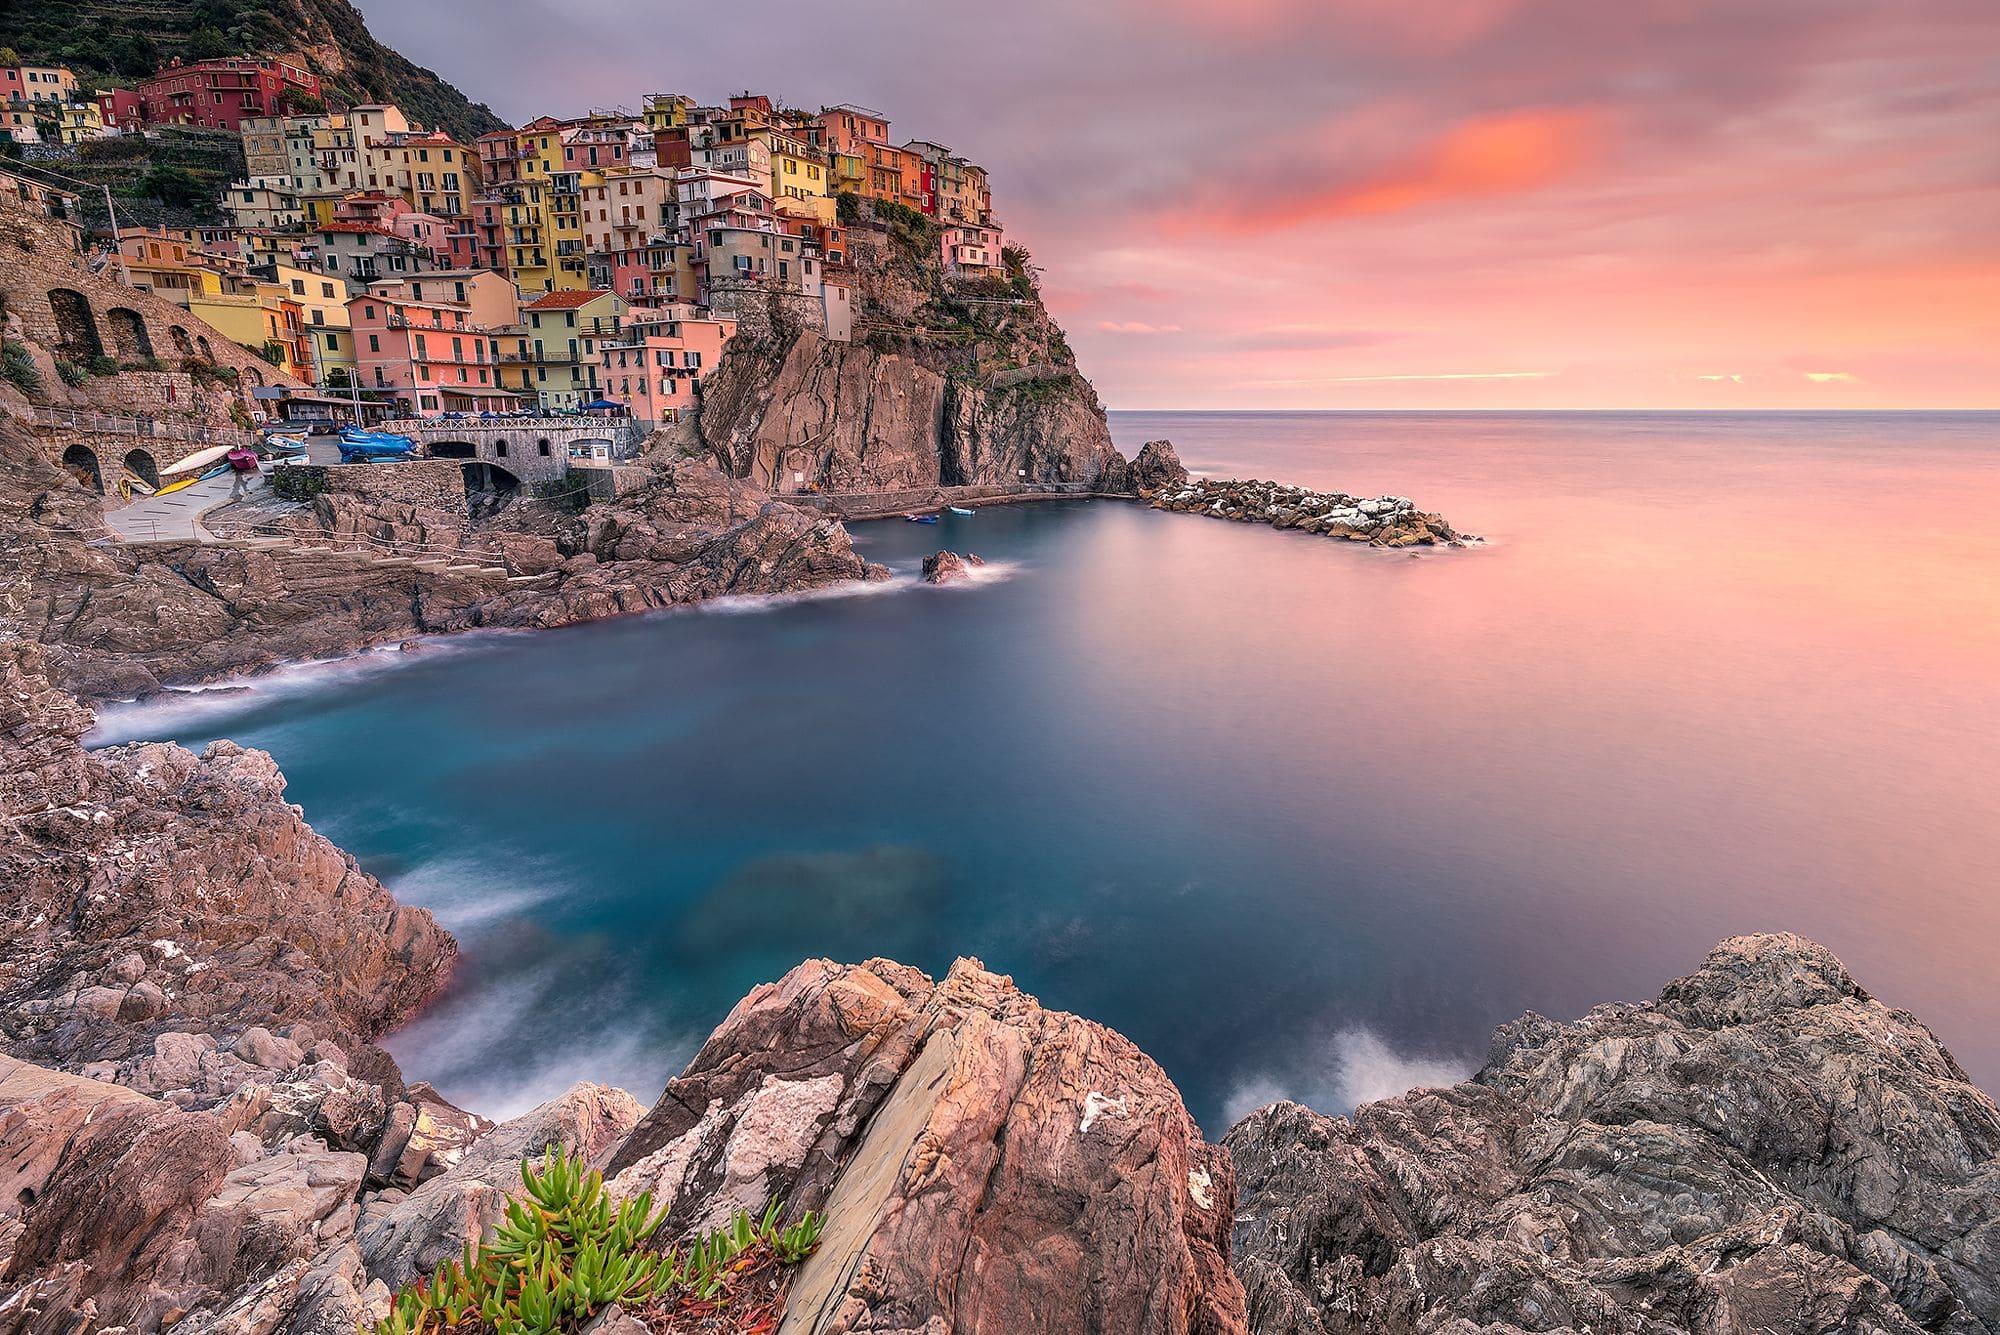 Frame For Pictures Fotografare I Paesaggi La Messa A Fuoco Nisi Filters Italia